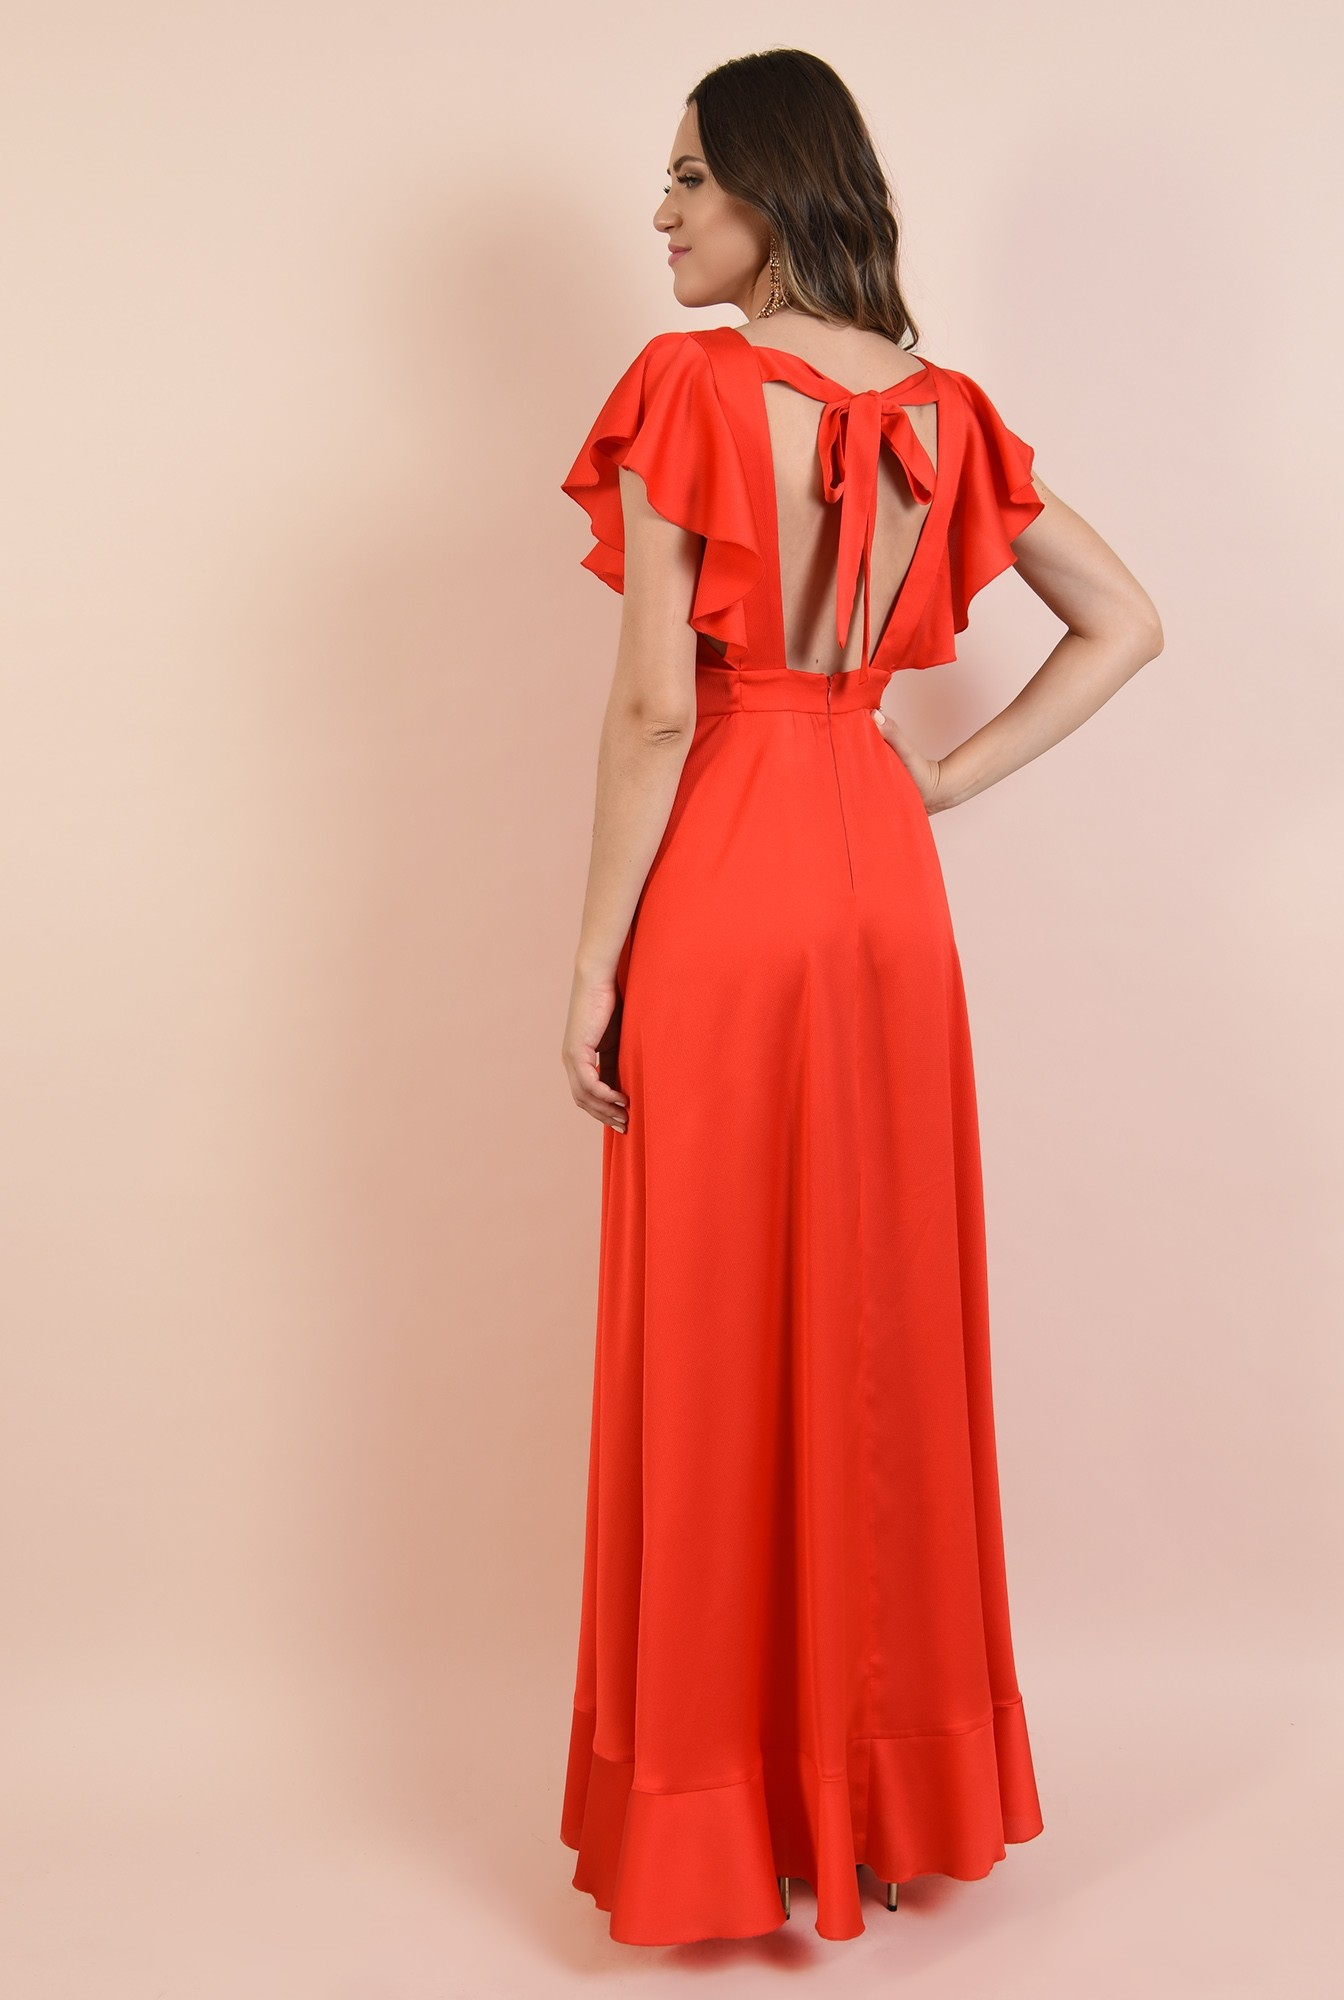 1 - 360 - rochie de ocazie, lunga, rosie, corai, Poema, volane, funda la spate